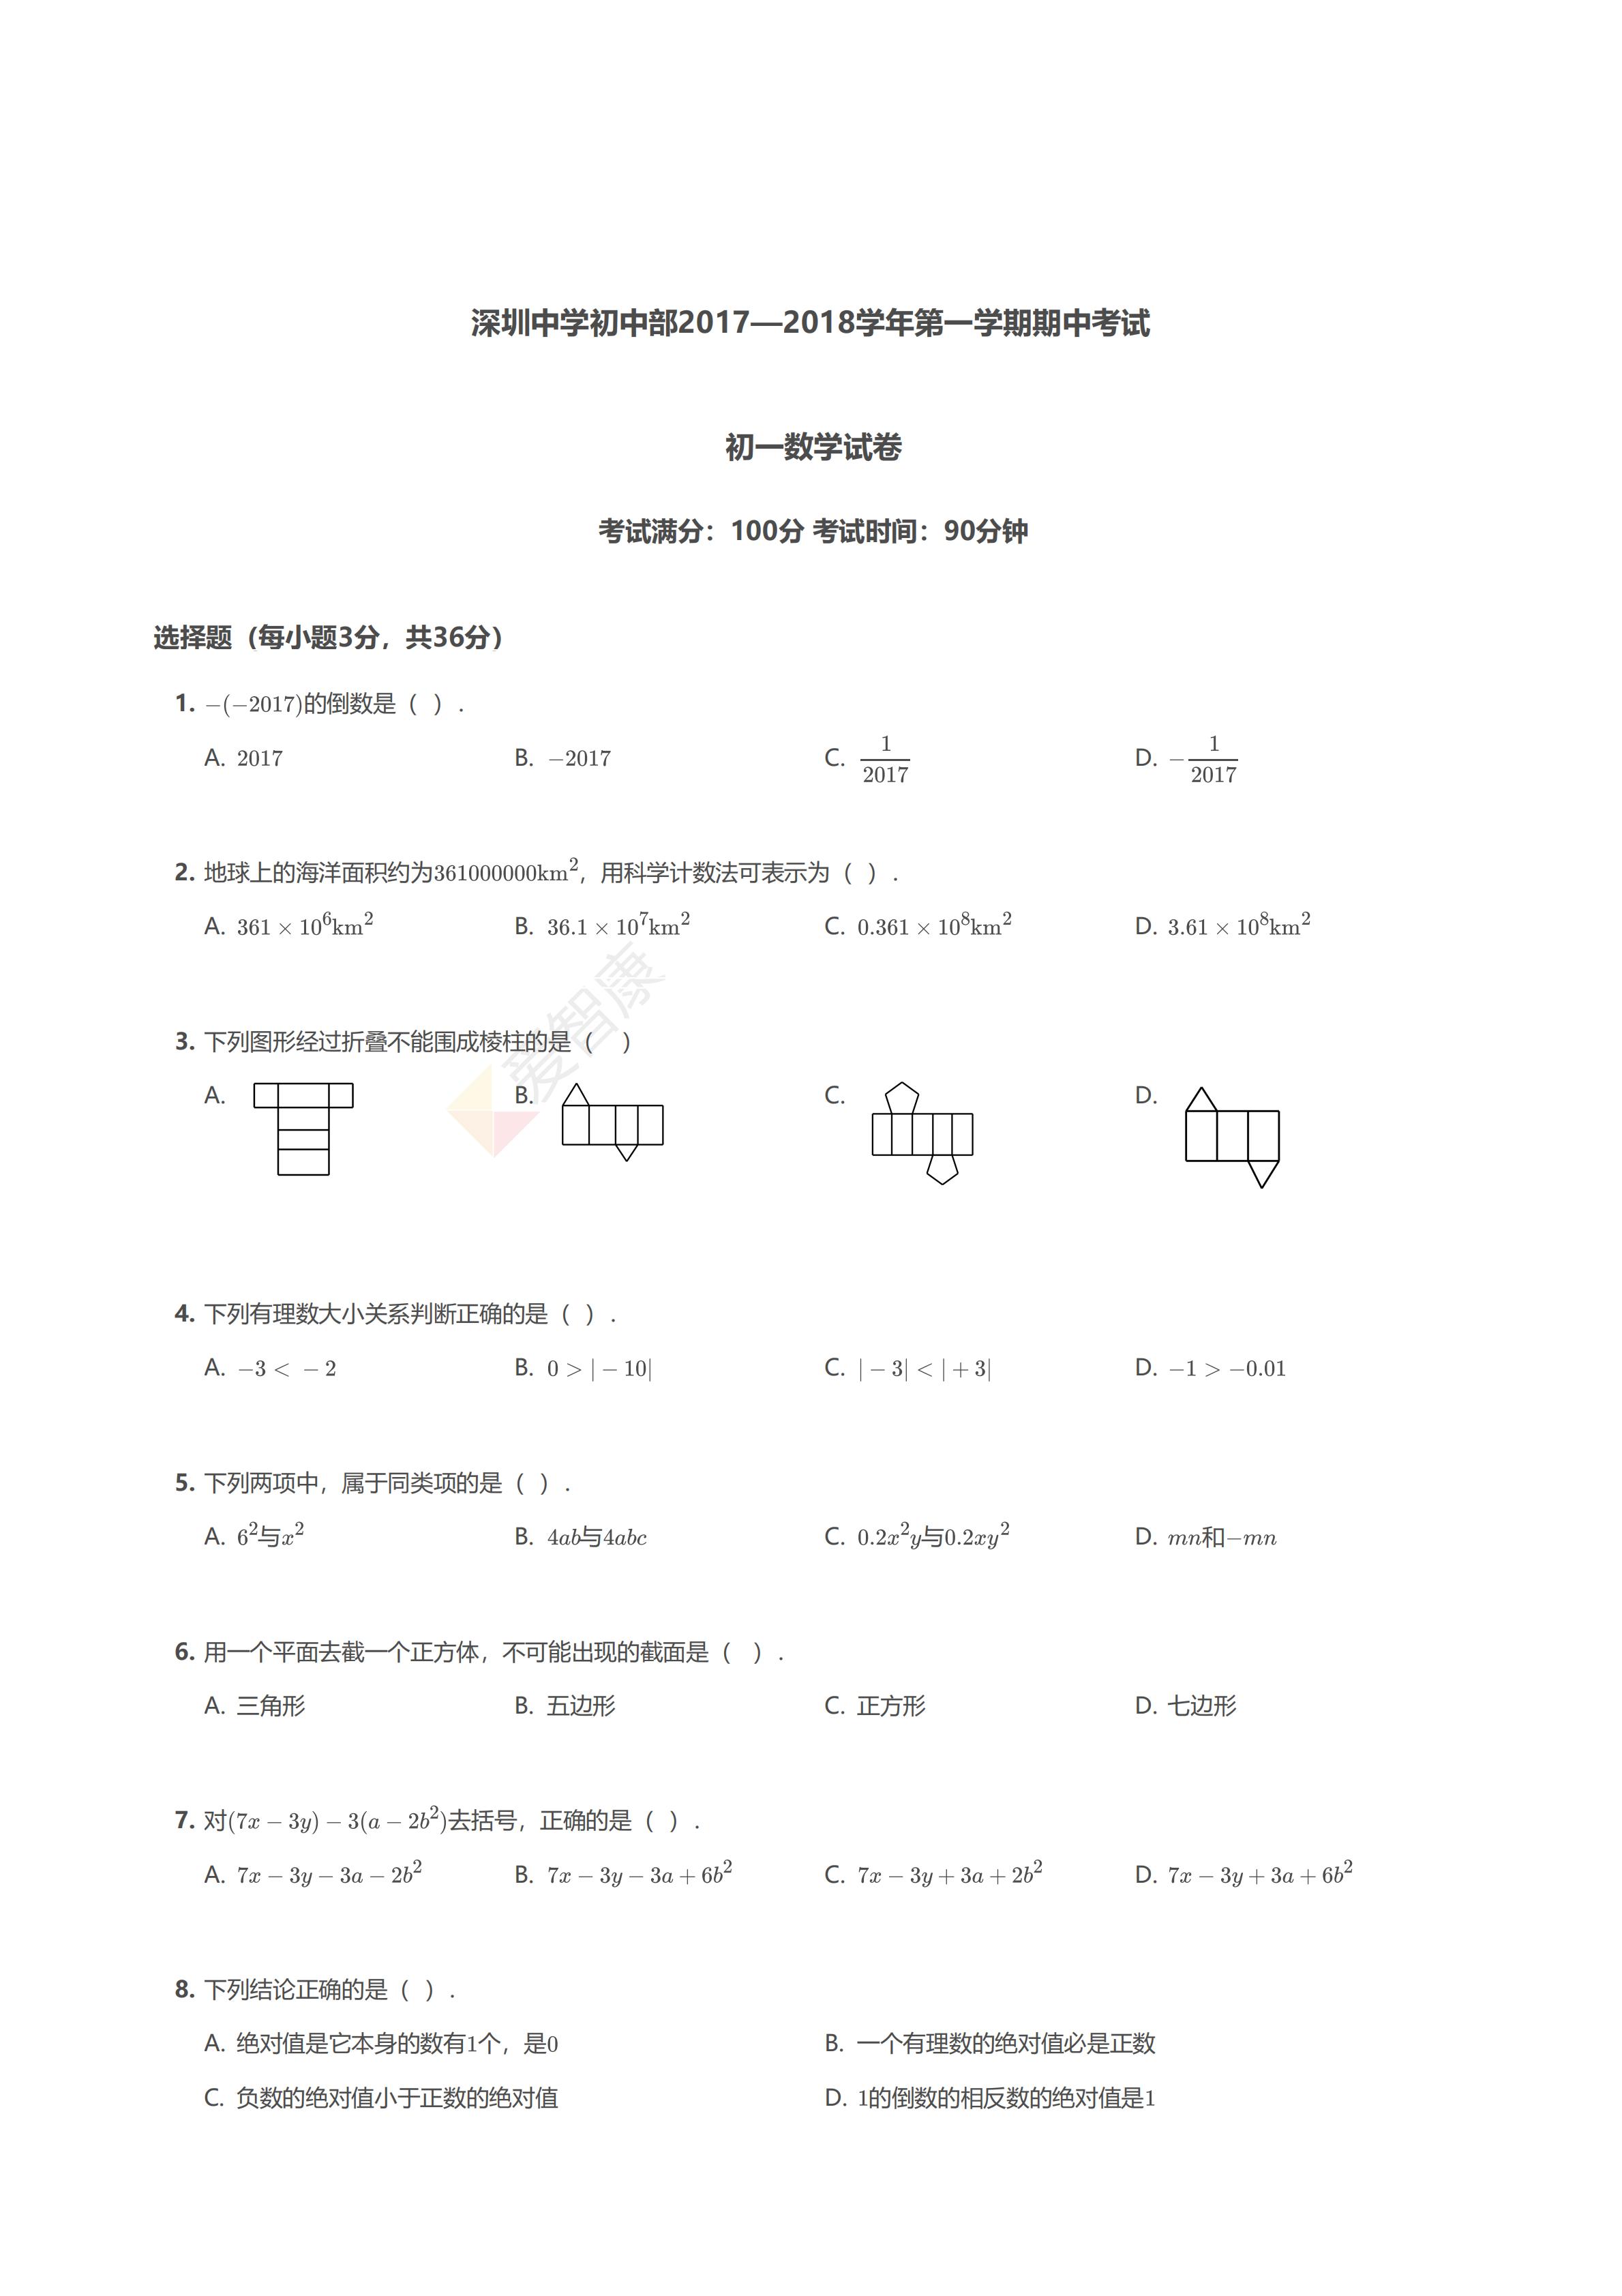 深圳中学2017—2018学年上学期期中考试初一数学试卷